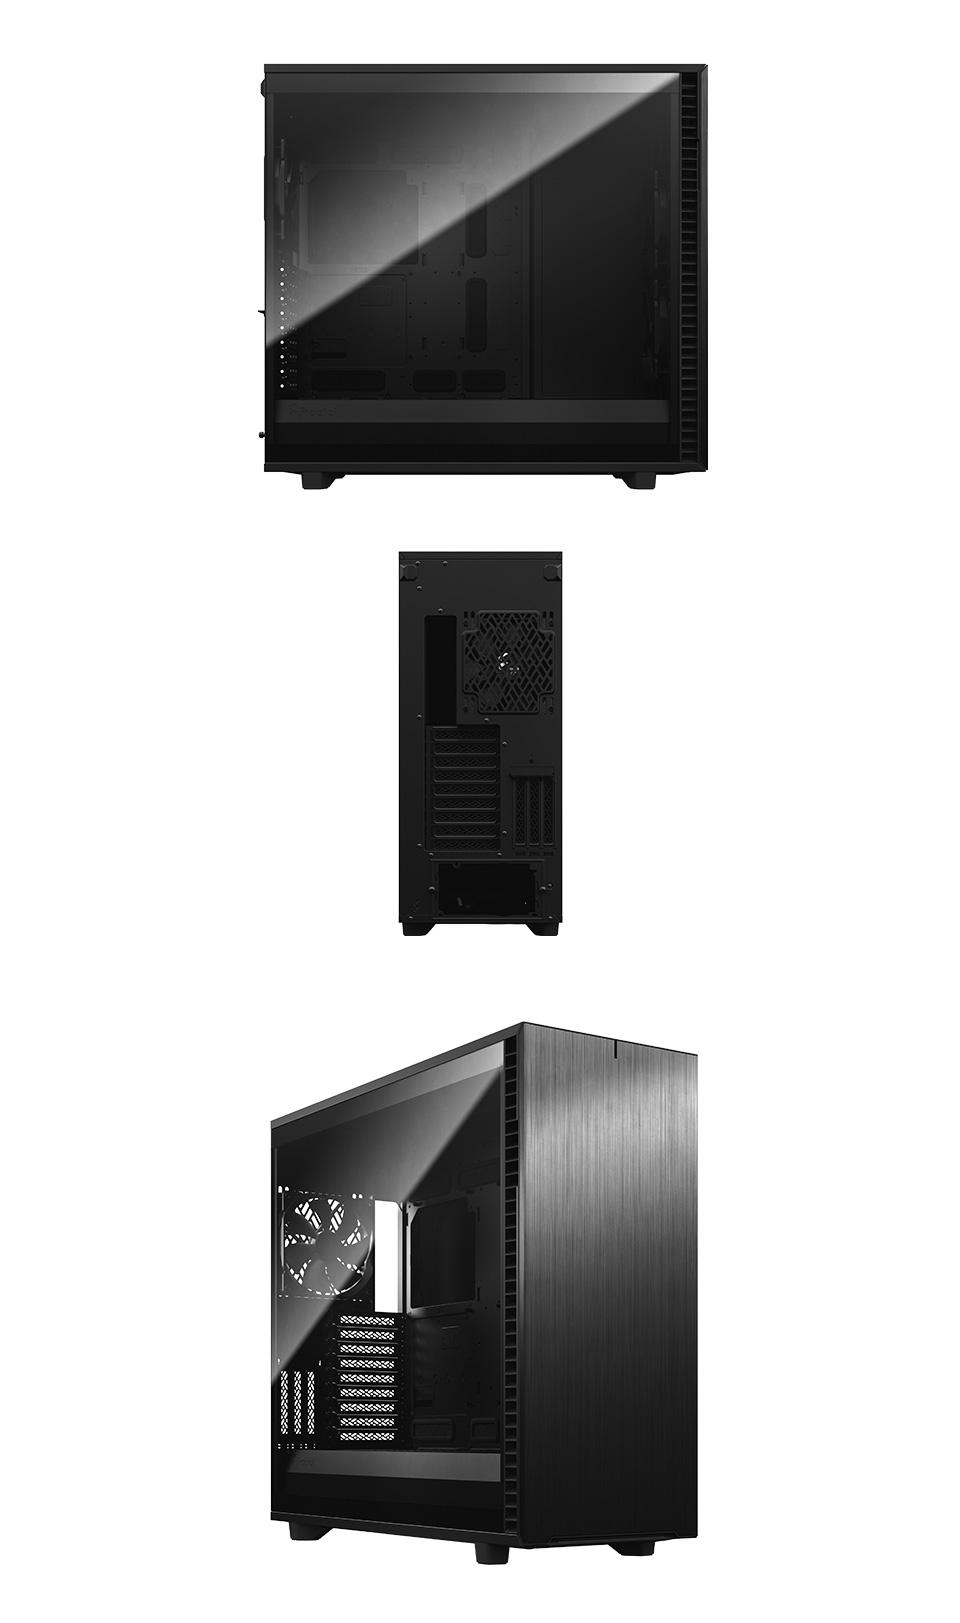 Fractal Design Define 7 XL Tempered Glass Black product